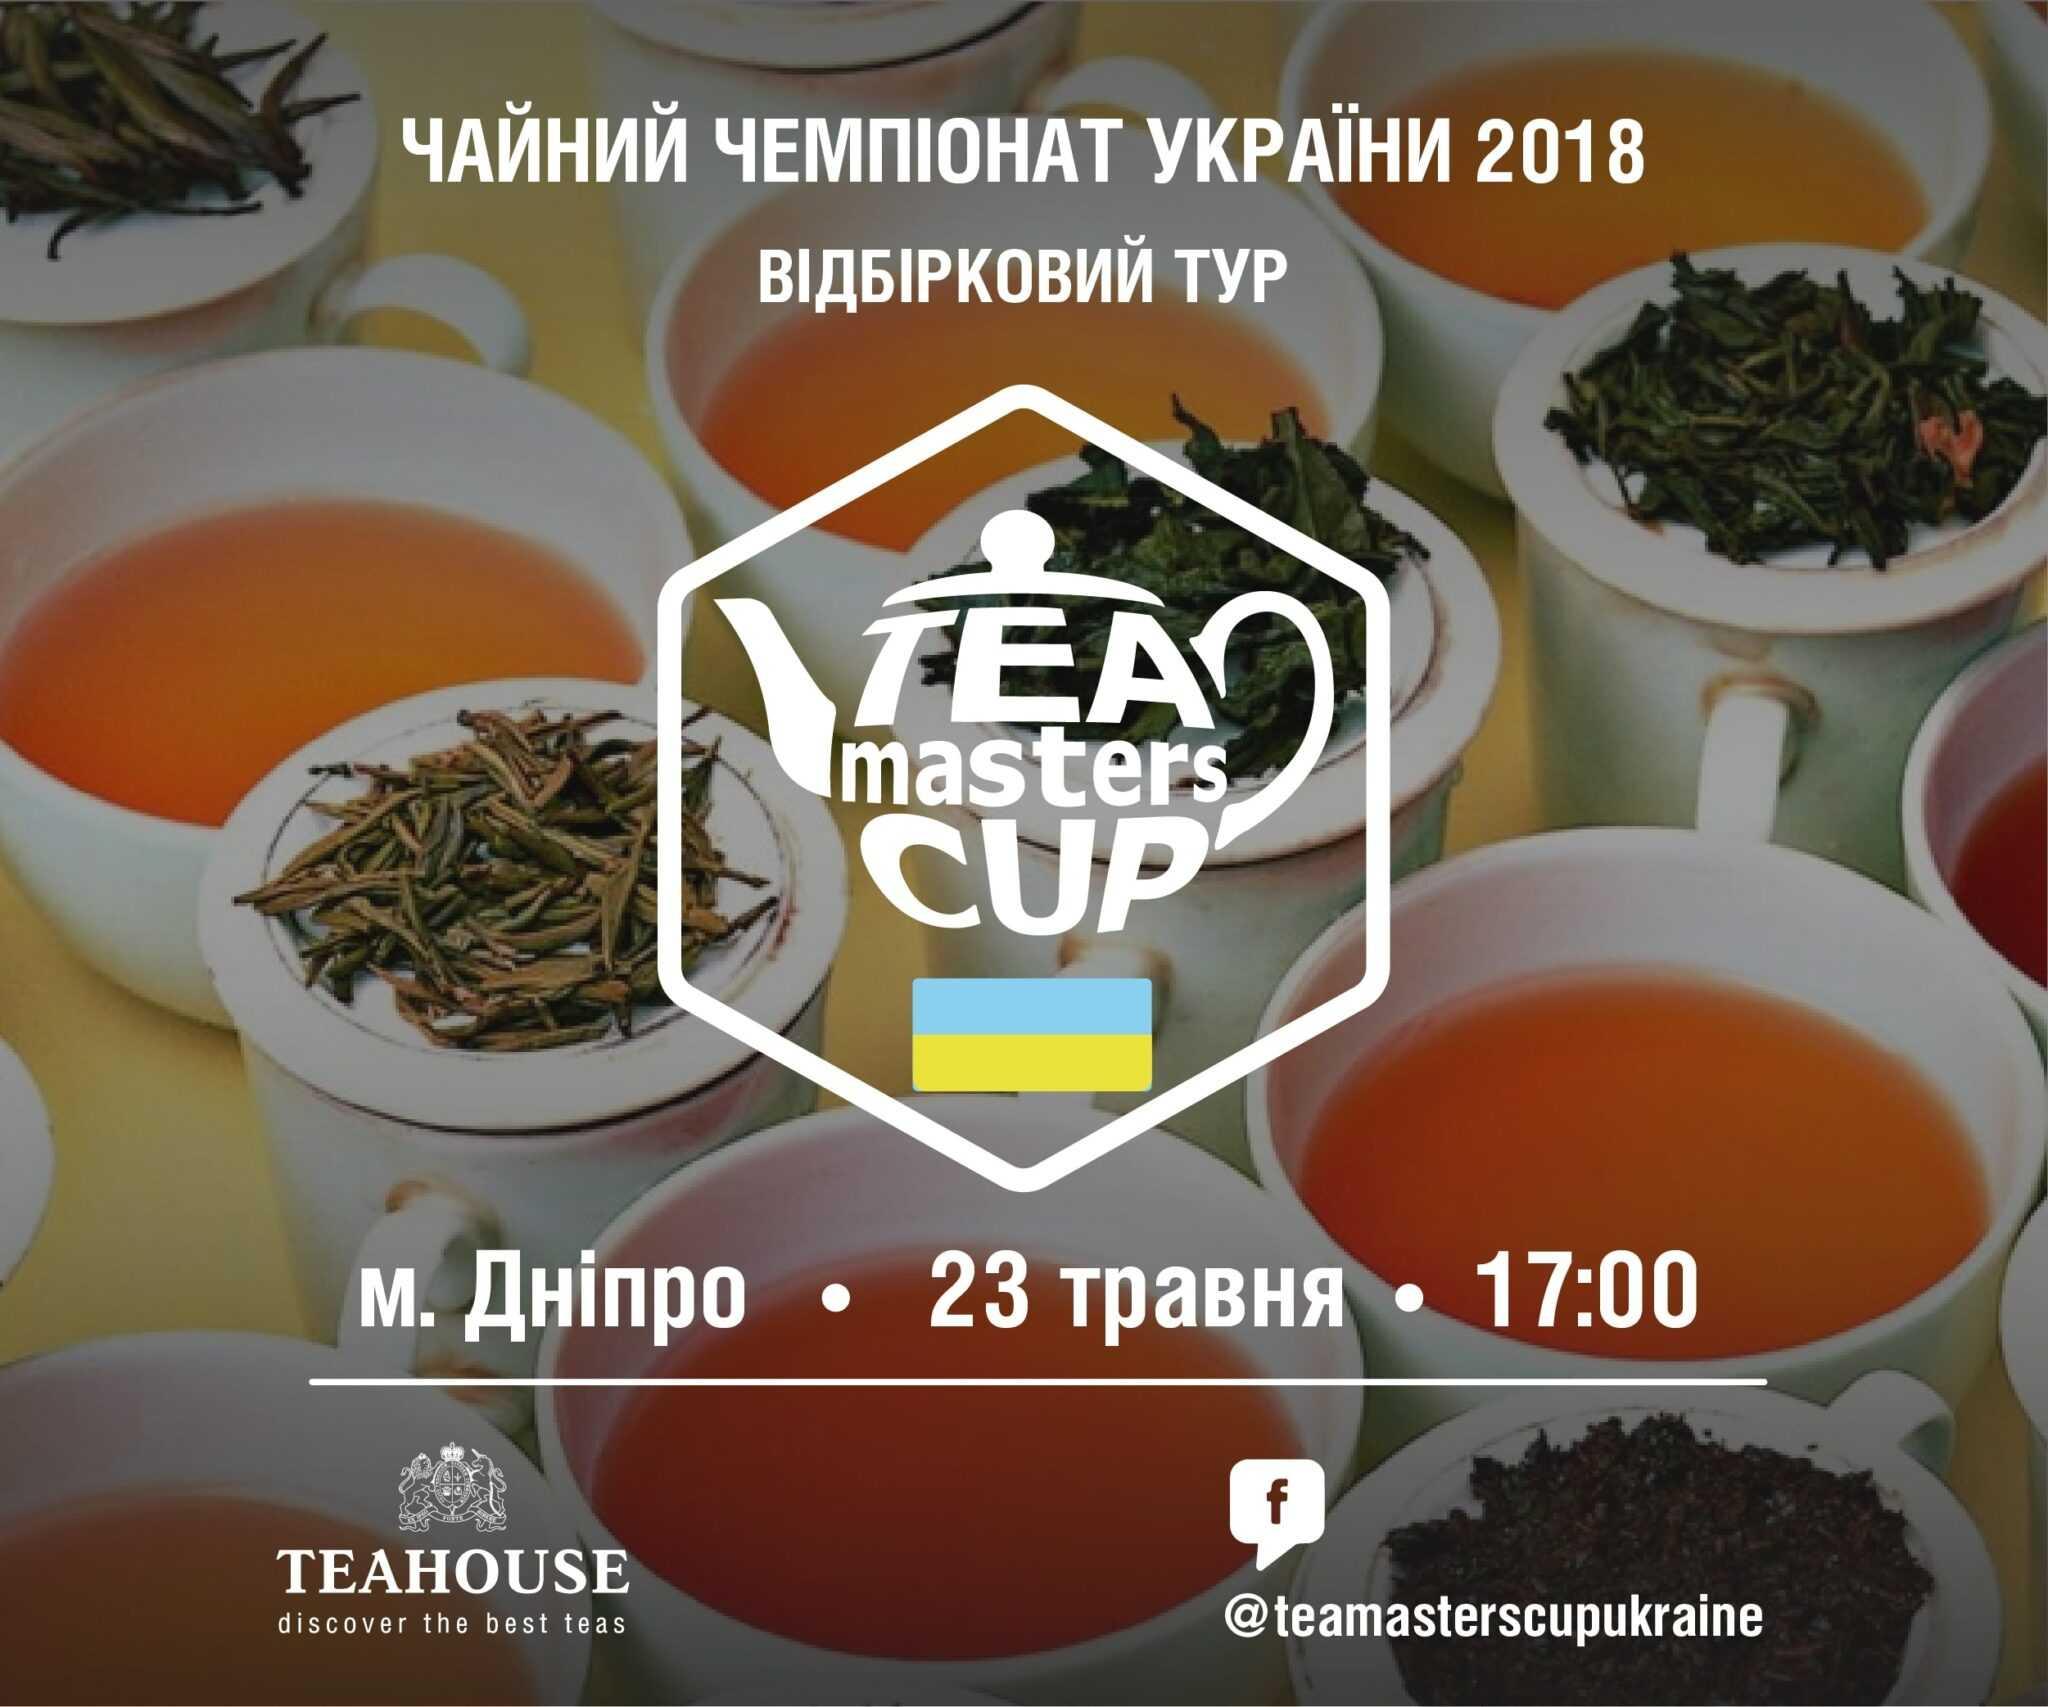 Отборочный тур Чайного чемпионата Украины 2018